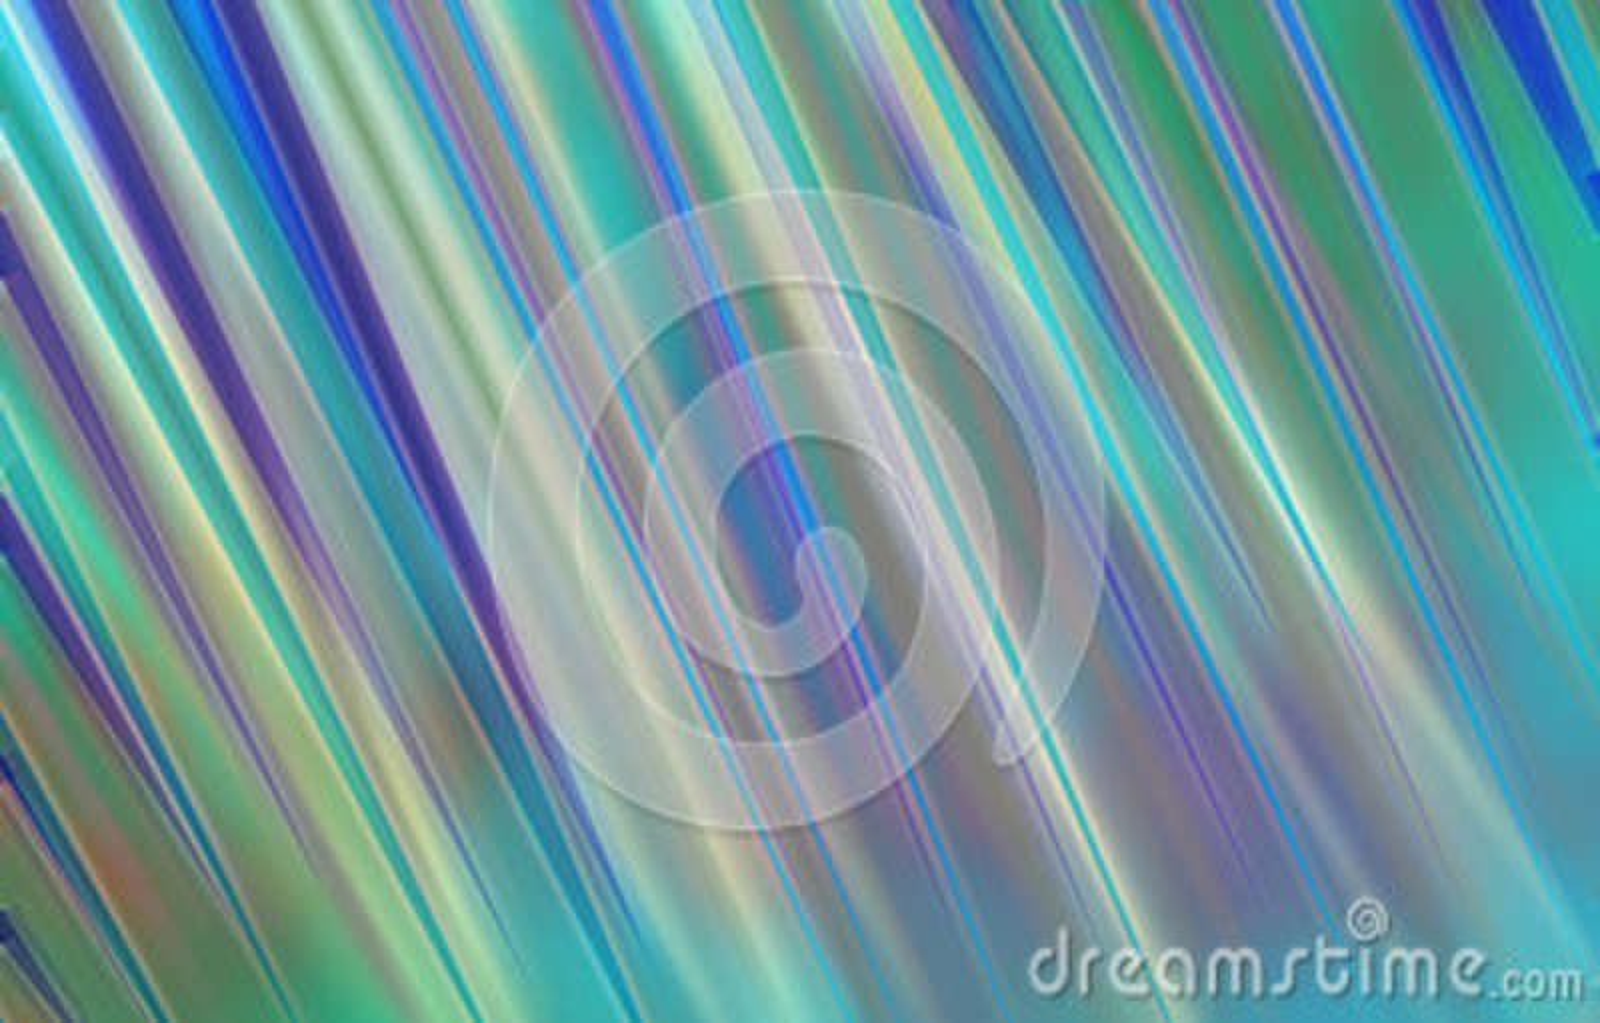 Abstrakt design för modern konstbakgrundsstil med suddiga band av guling och lilor för blå gräsplan